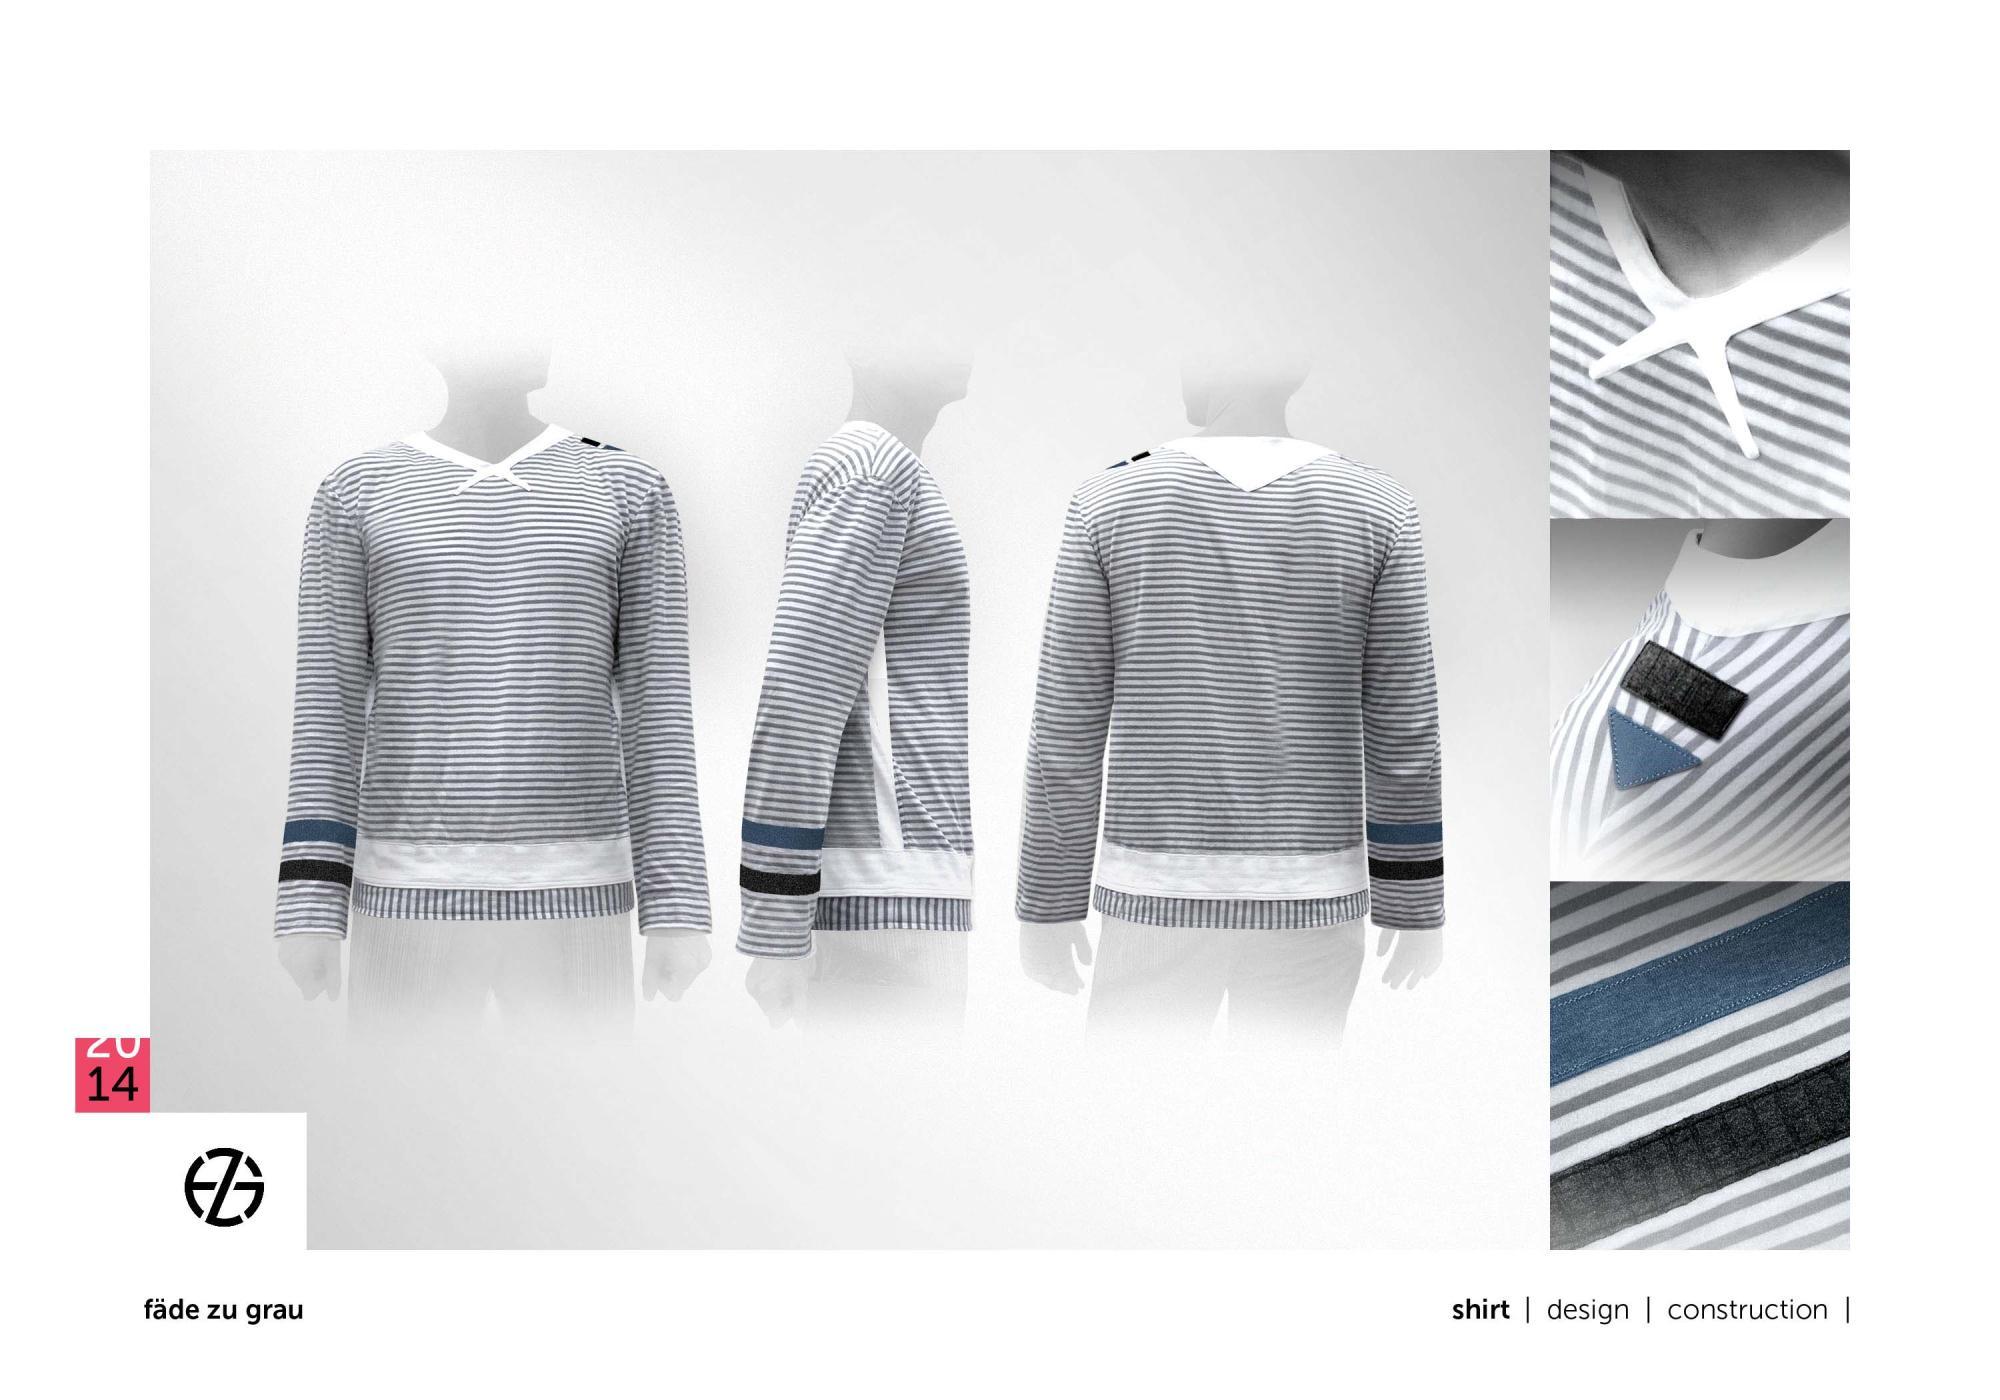 fäde zu grau | shirt